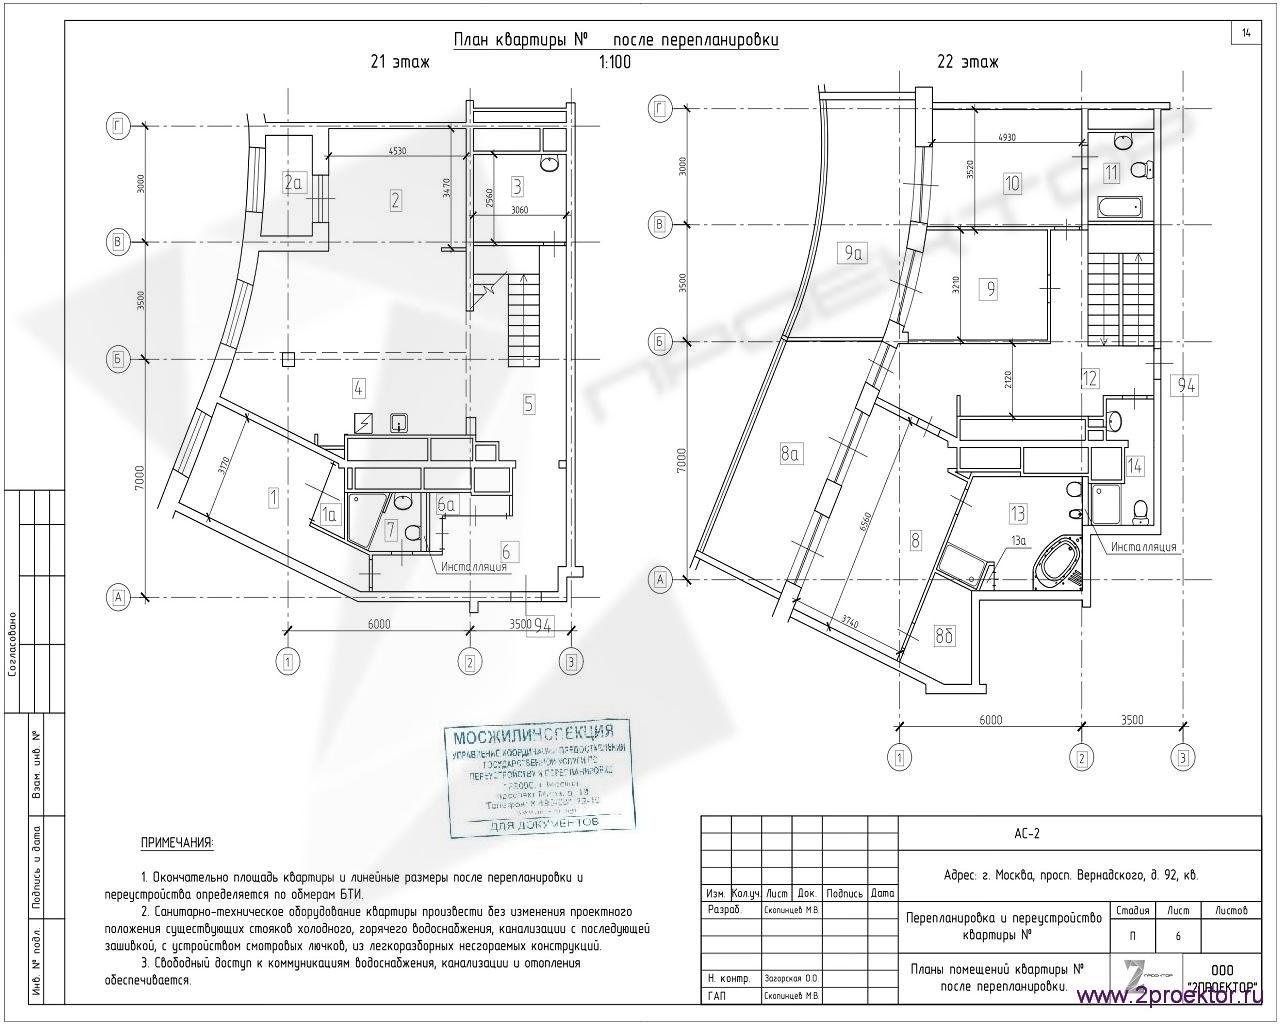 Вариант планировки квартиры в Жилом комплексе Корона, разработанный специалистами ООО «2Проектор» и согласованный Мосжилинспекцией.